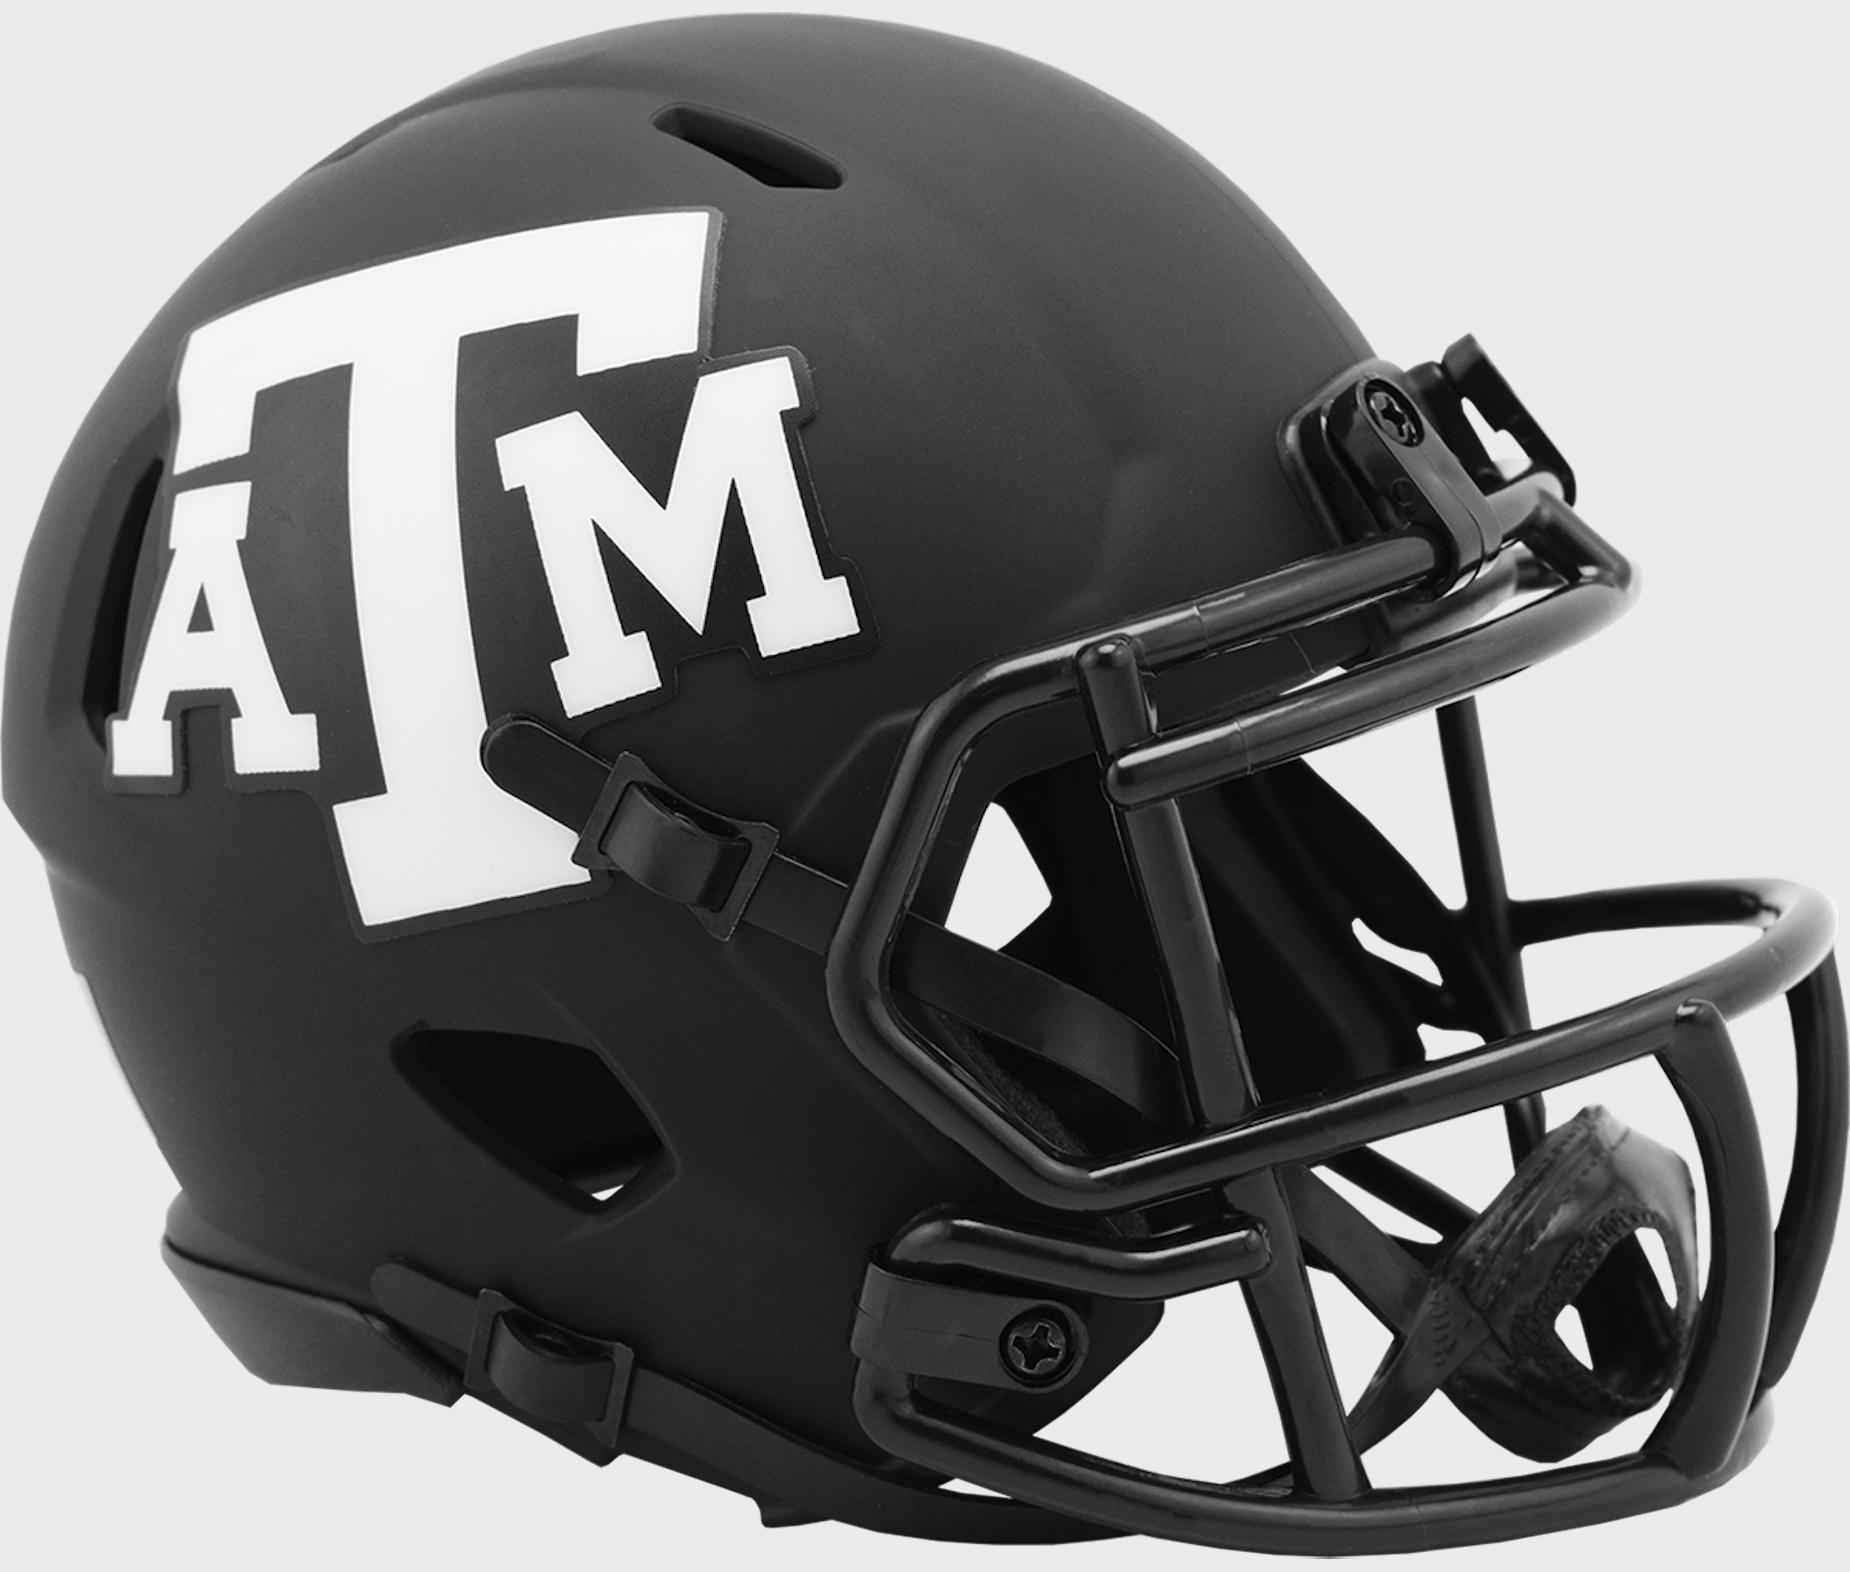 Texas A&M Aggies Mini Speed Football Helmet <B>ECLIPSE</B>